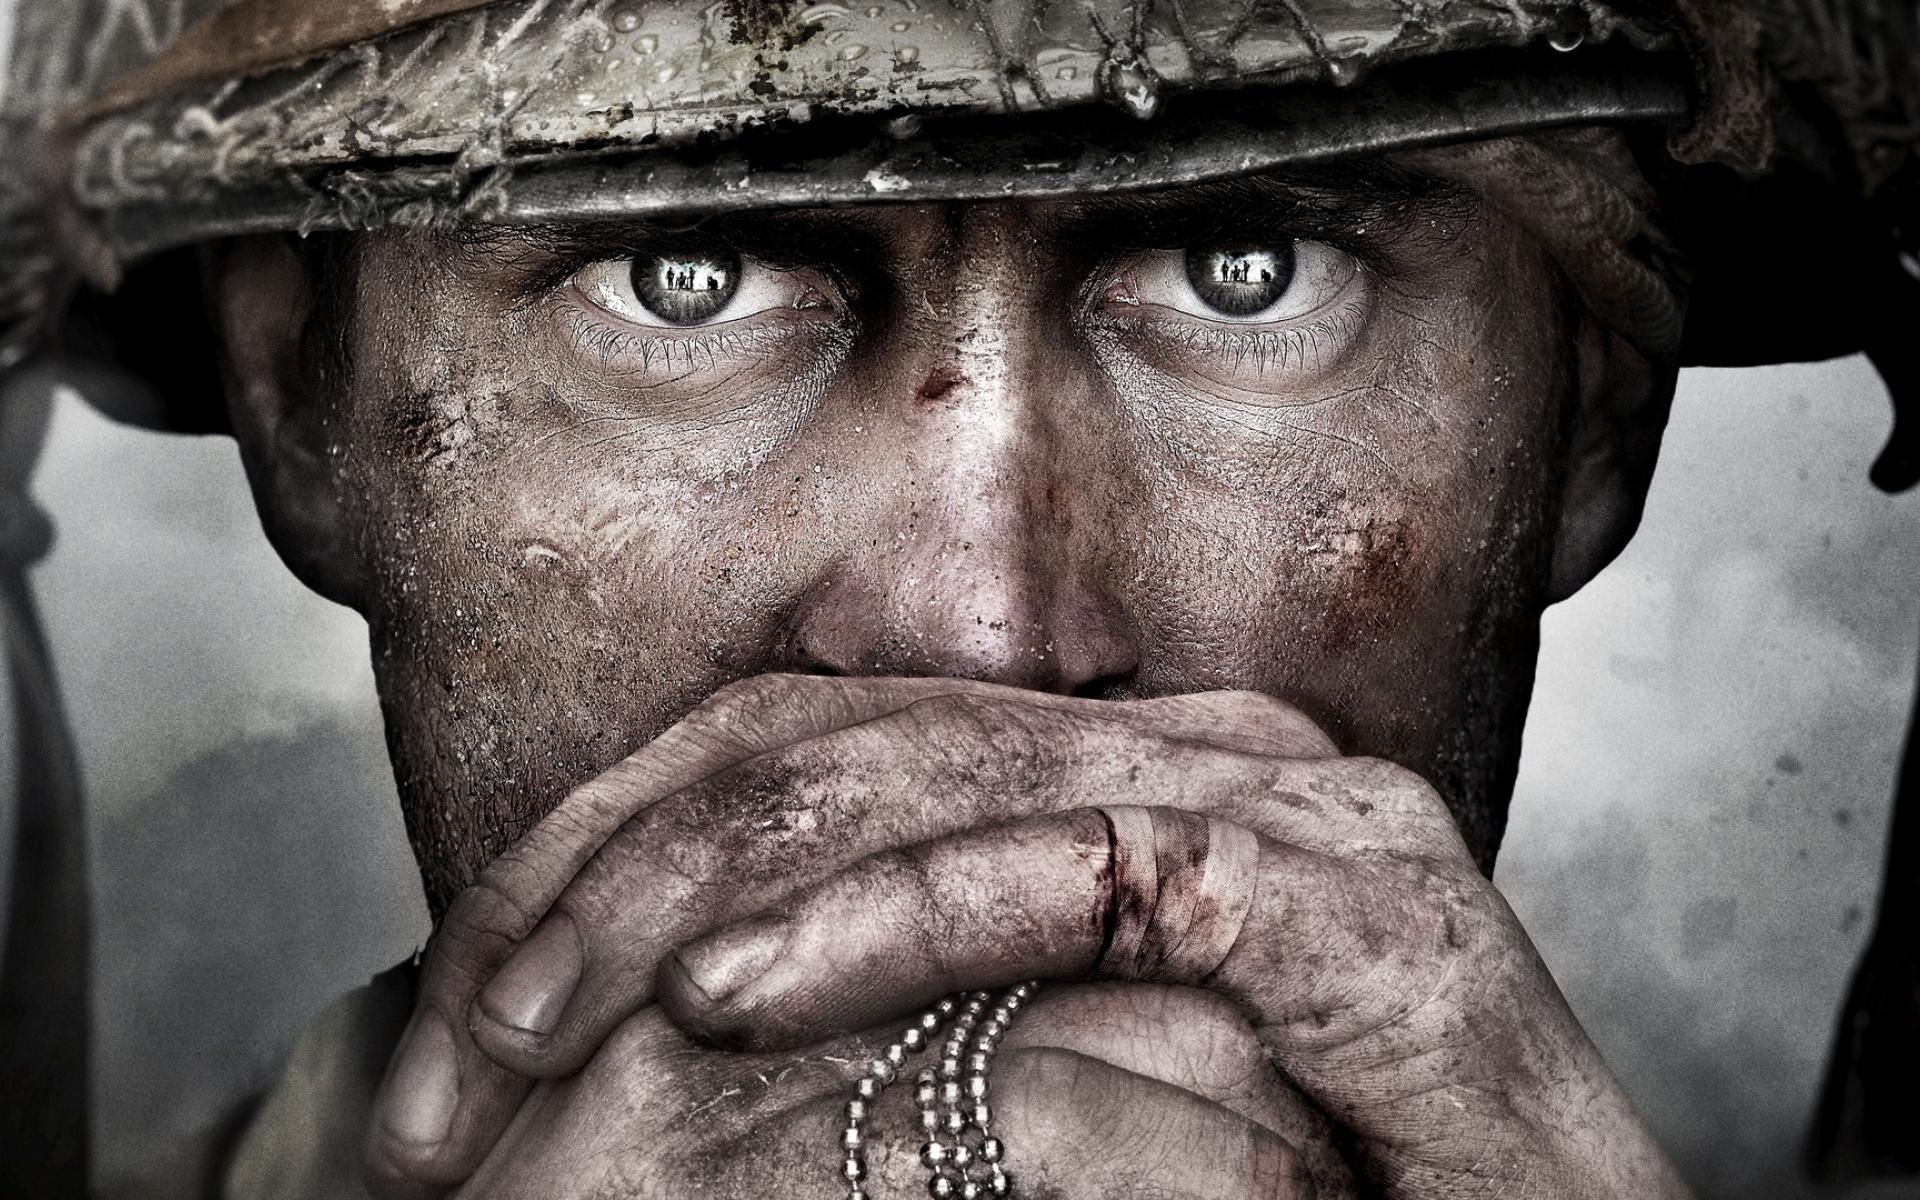 Call Of Duty Ww2 Wallpaper 4k: Call Of Duty Wwii, Full HD Wallpaper